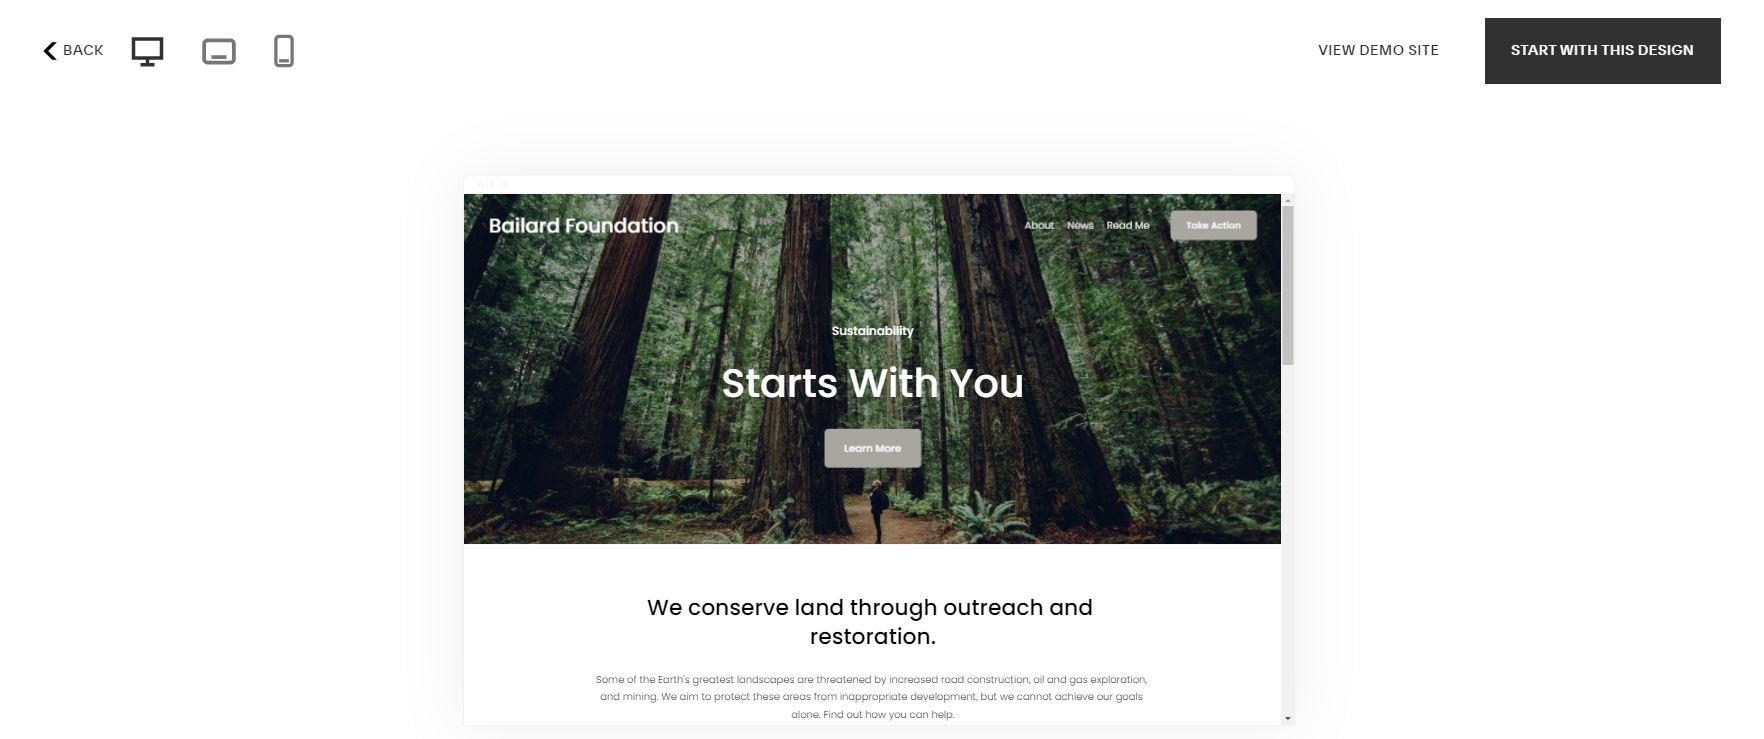 如何使用Squarespace创建小型企业网站,首先要选择模板。